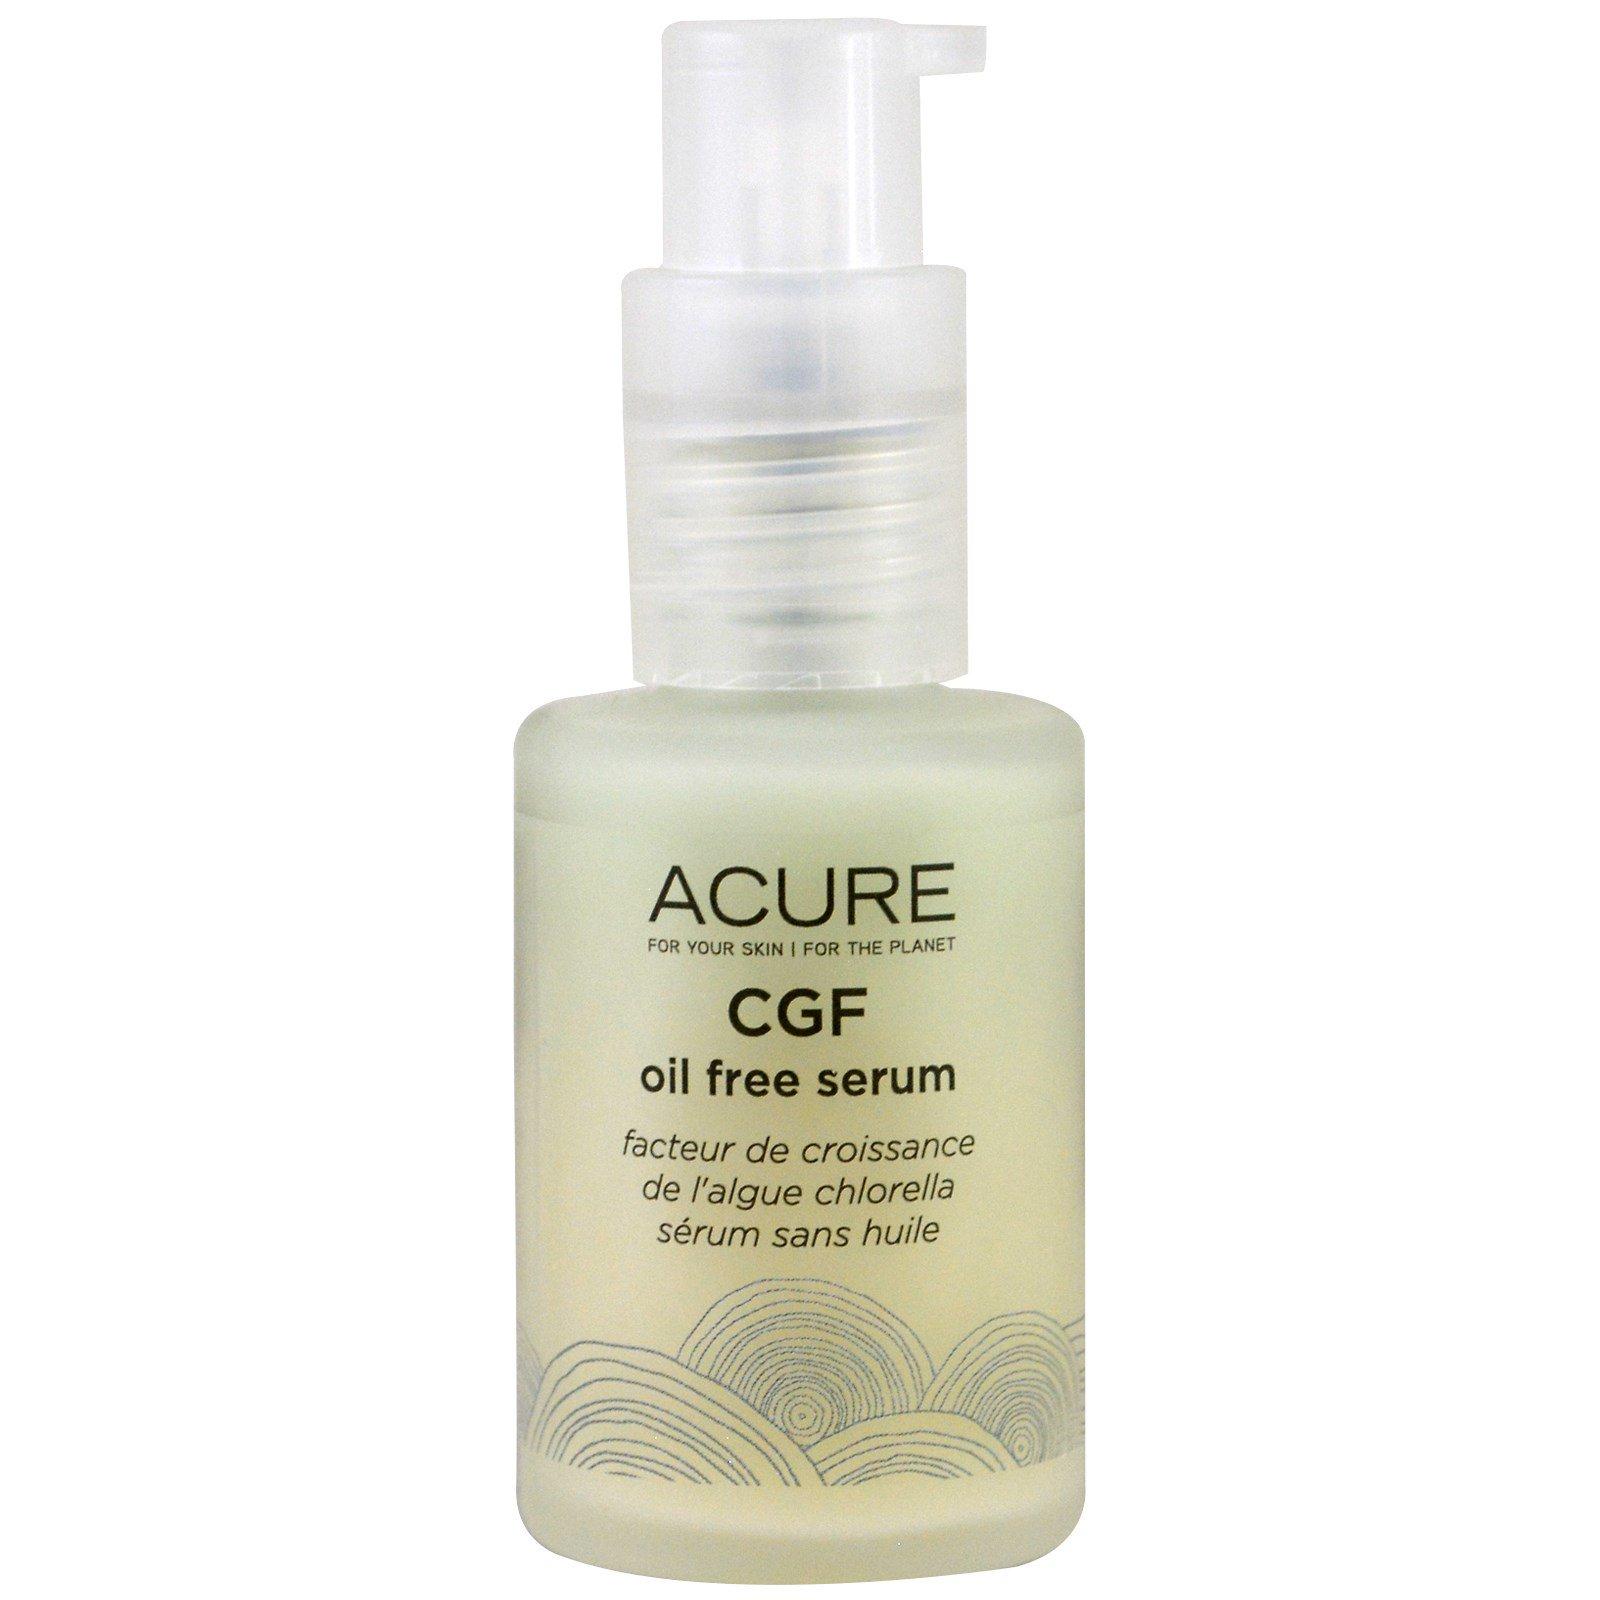 Acure Organics, Сыворотка CGF без масла, 1 жидкая унция (30 мл)